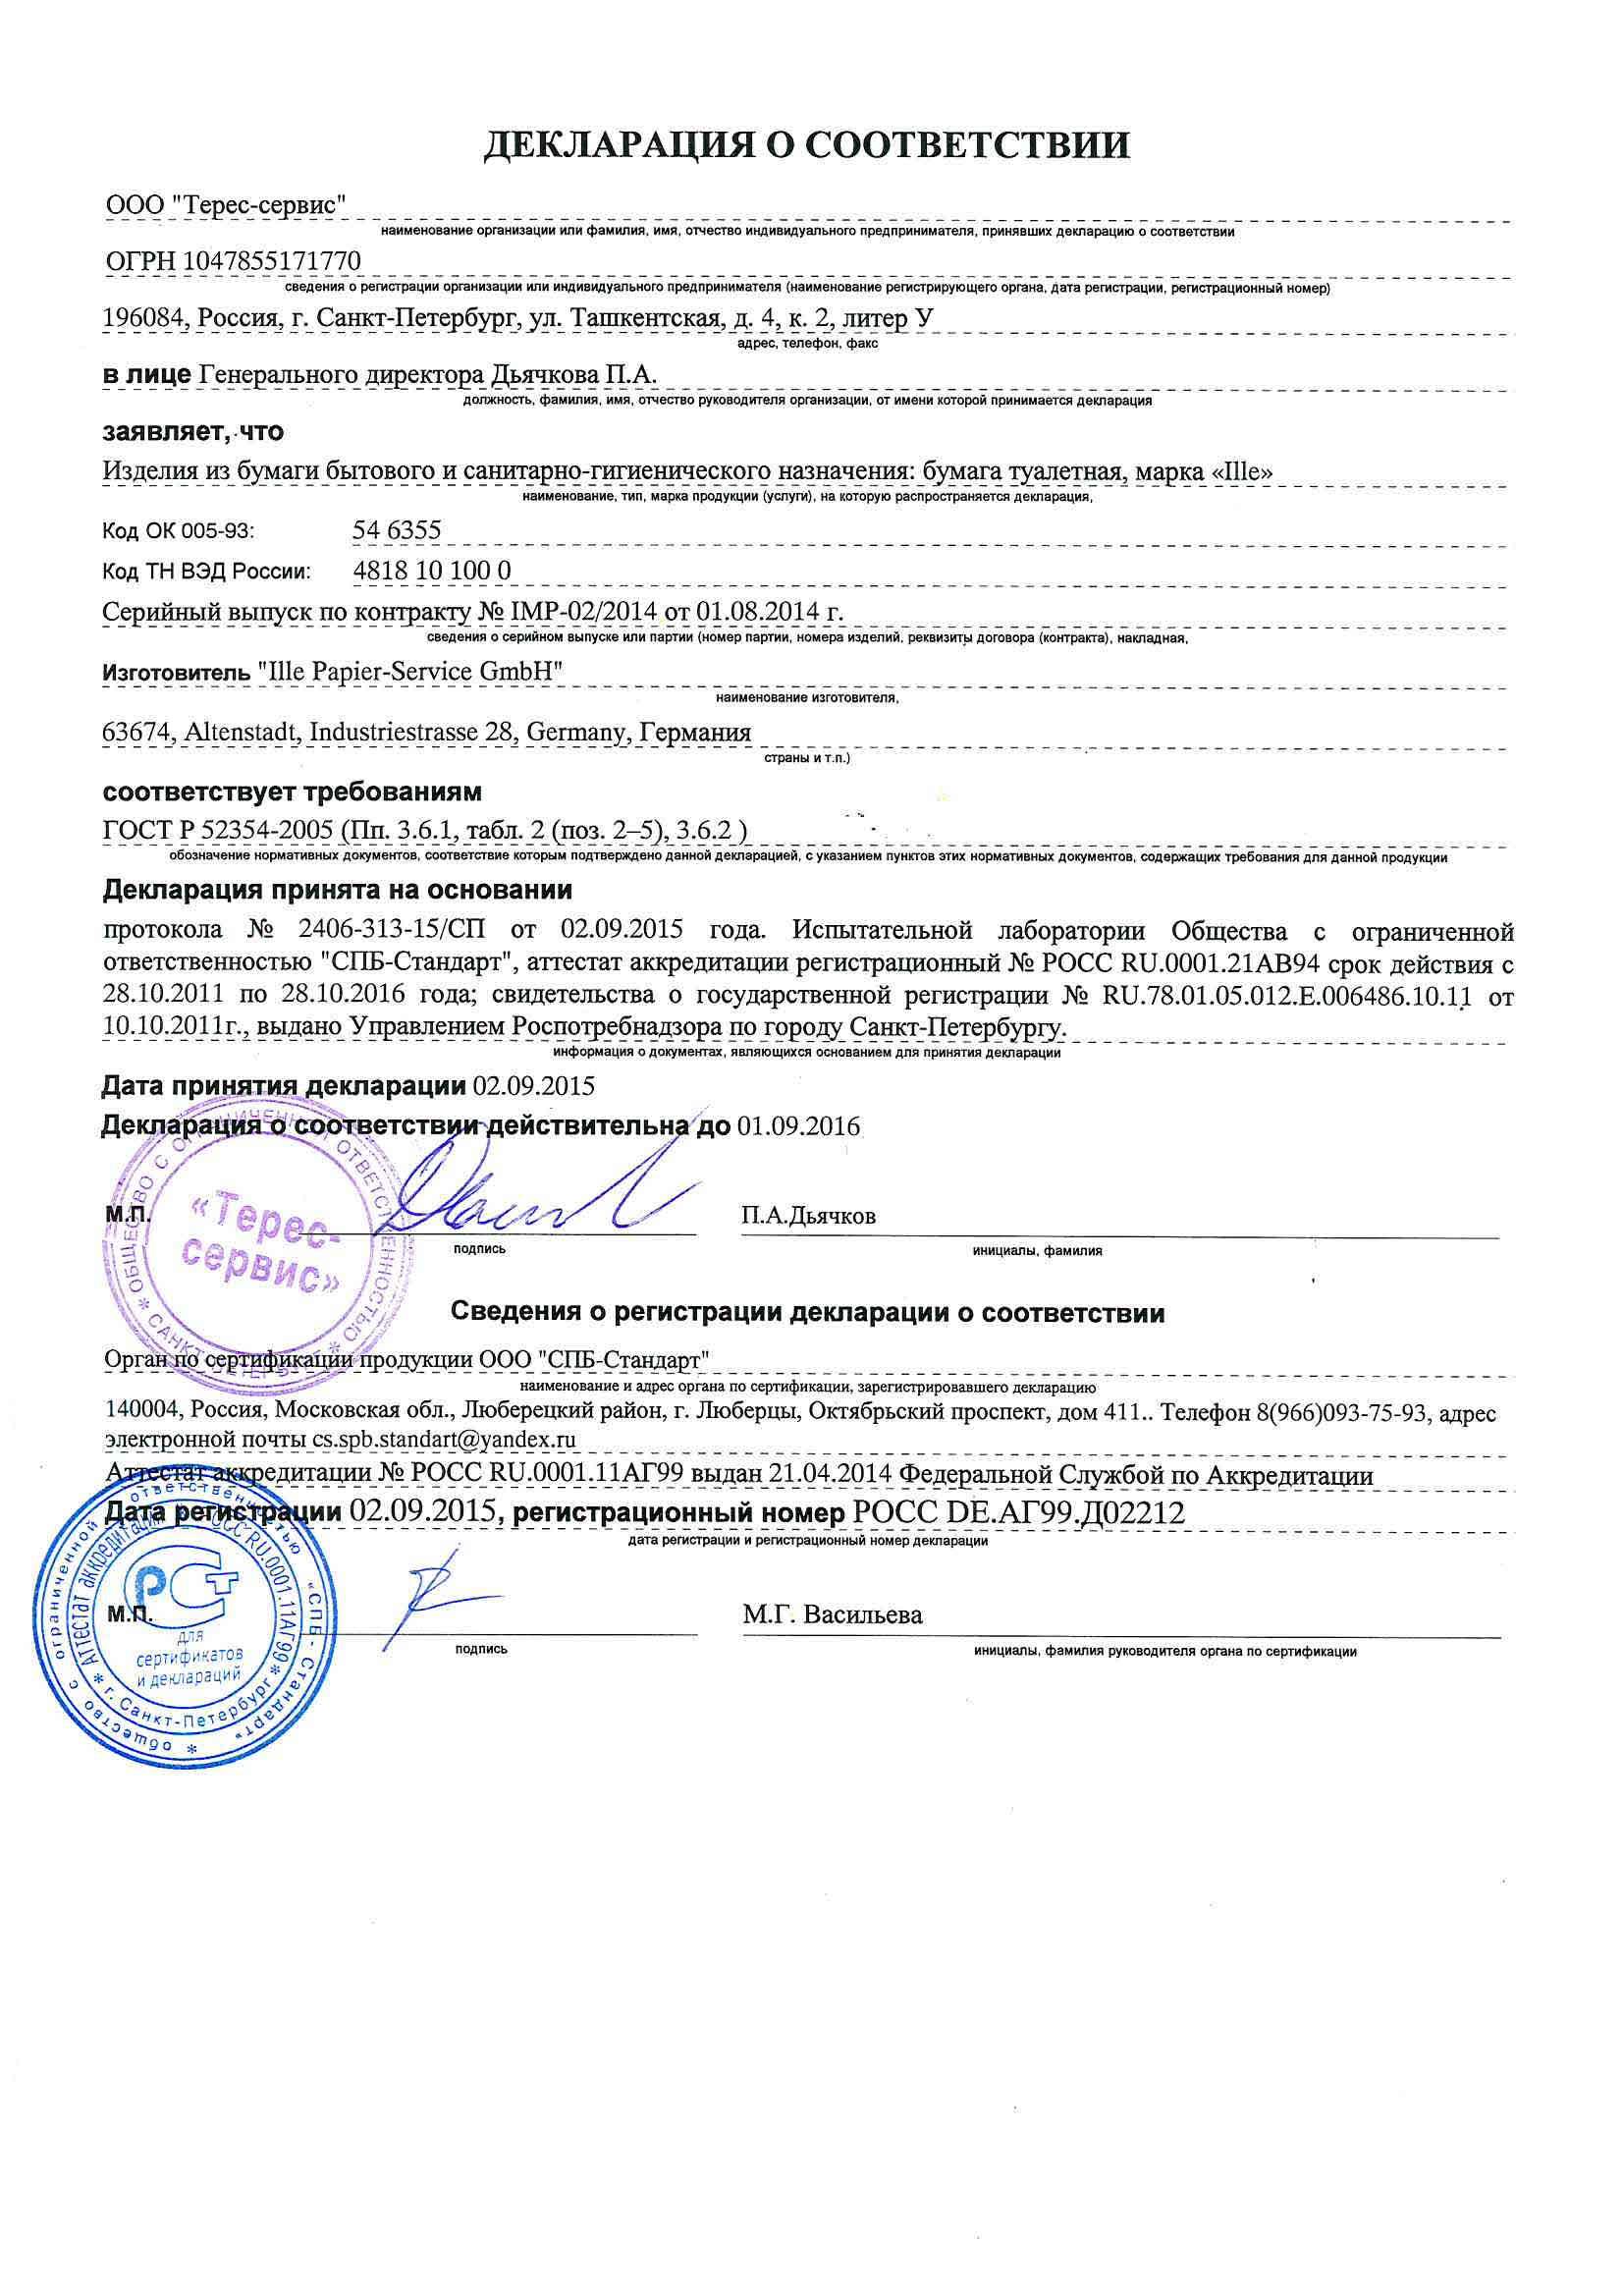 Декларация о соответствии: туалетная бумага